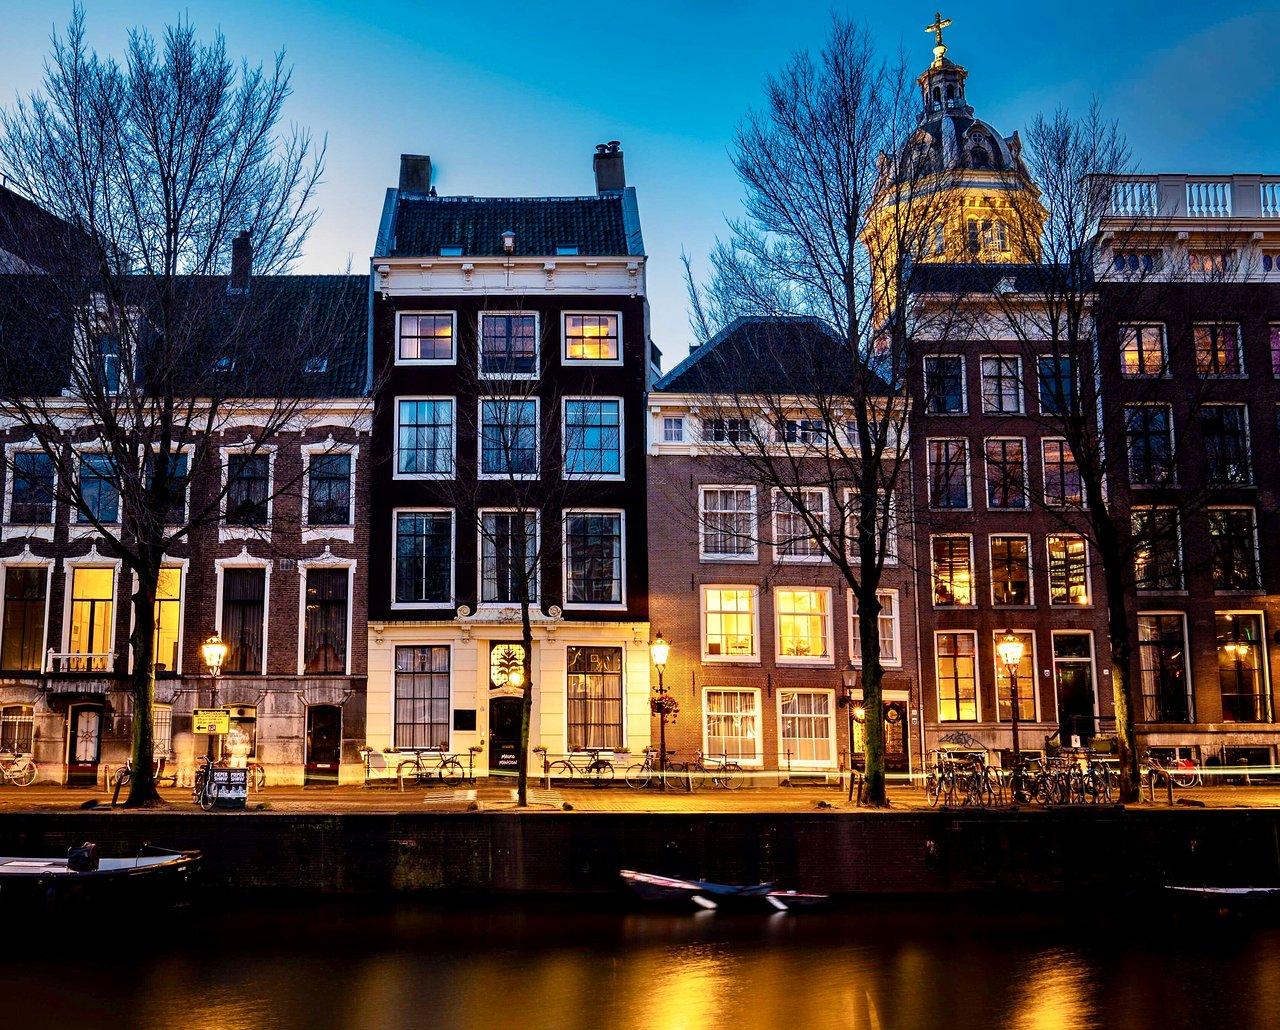 Die 10 Besten Hotels In Amsterdam 2019 Ab 49 Gunstige Preise